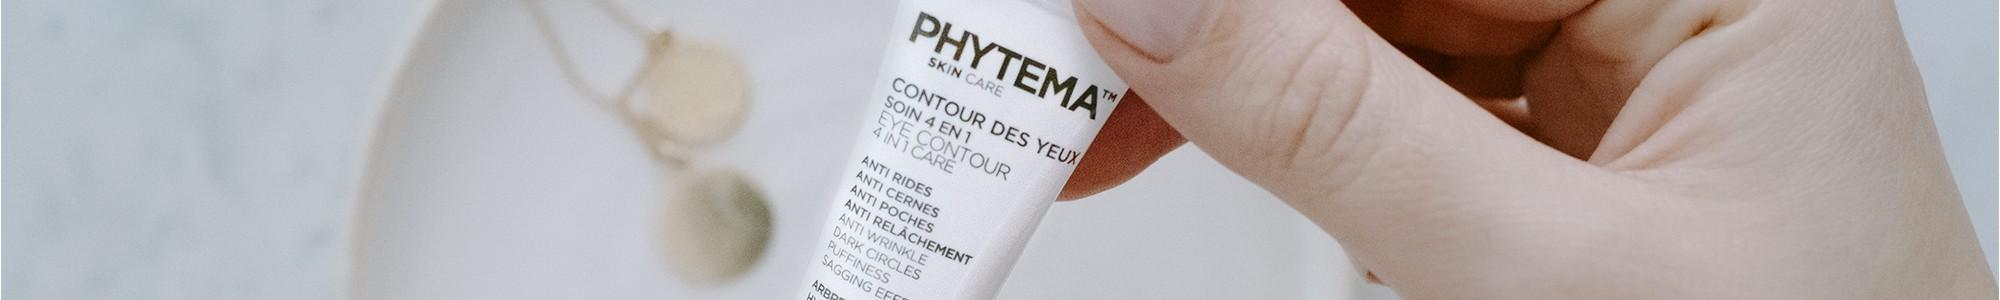 Soins cosmétiques biologiques pour le visage et le corps